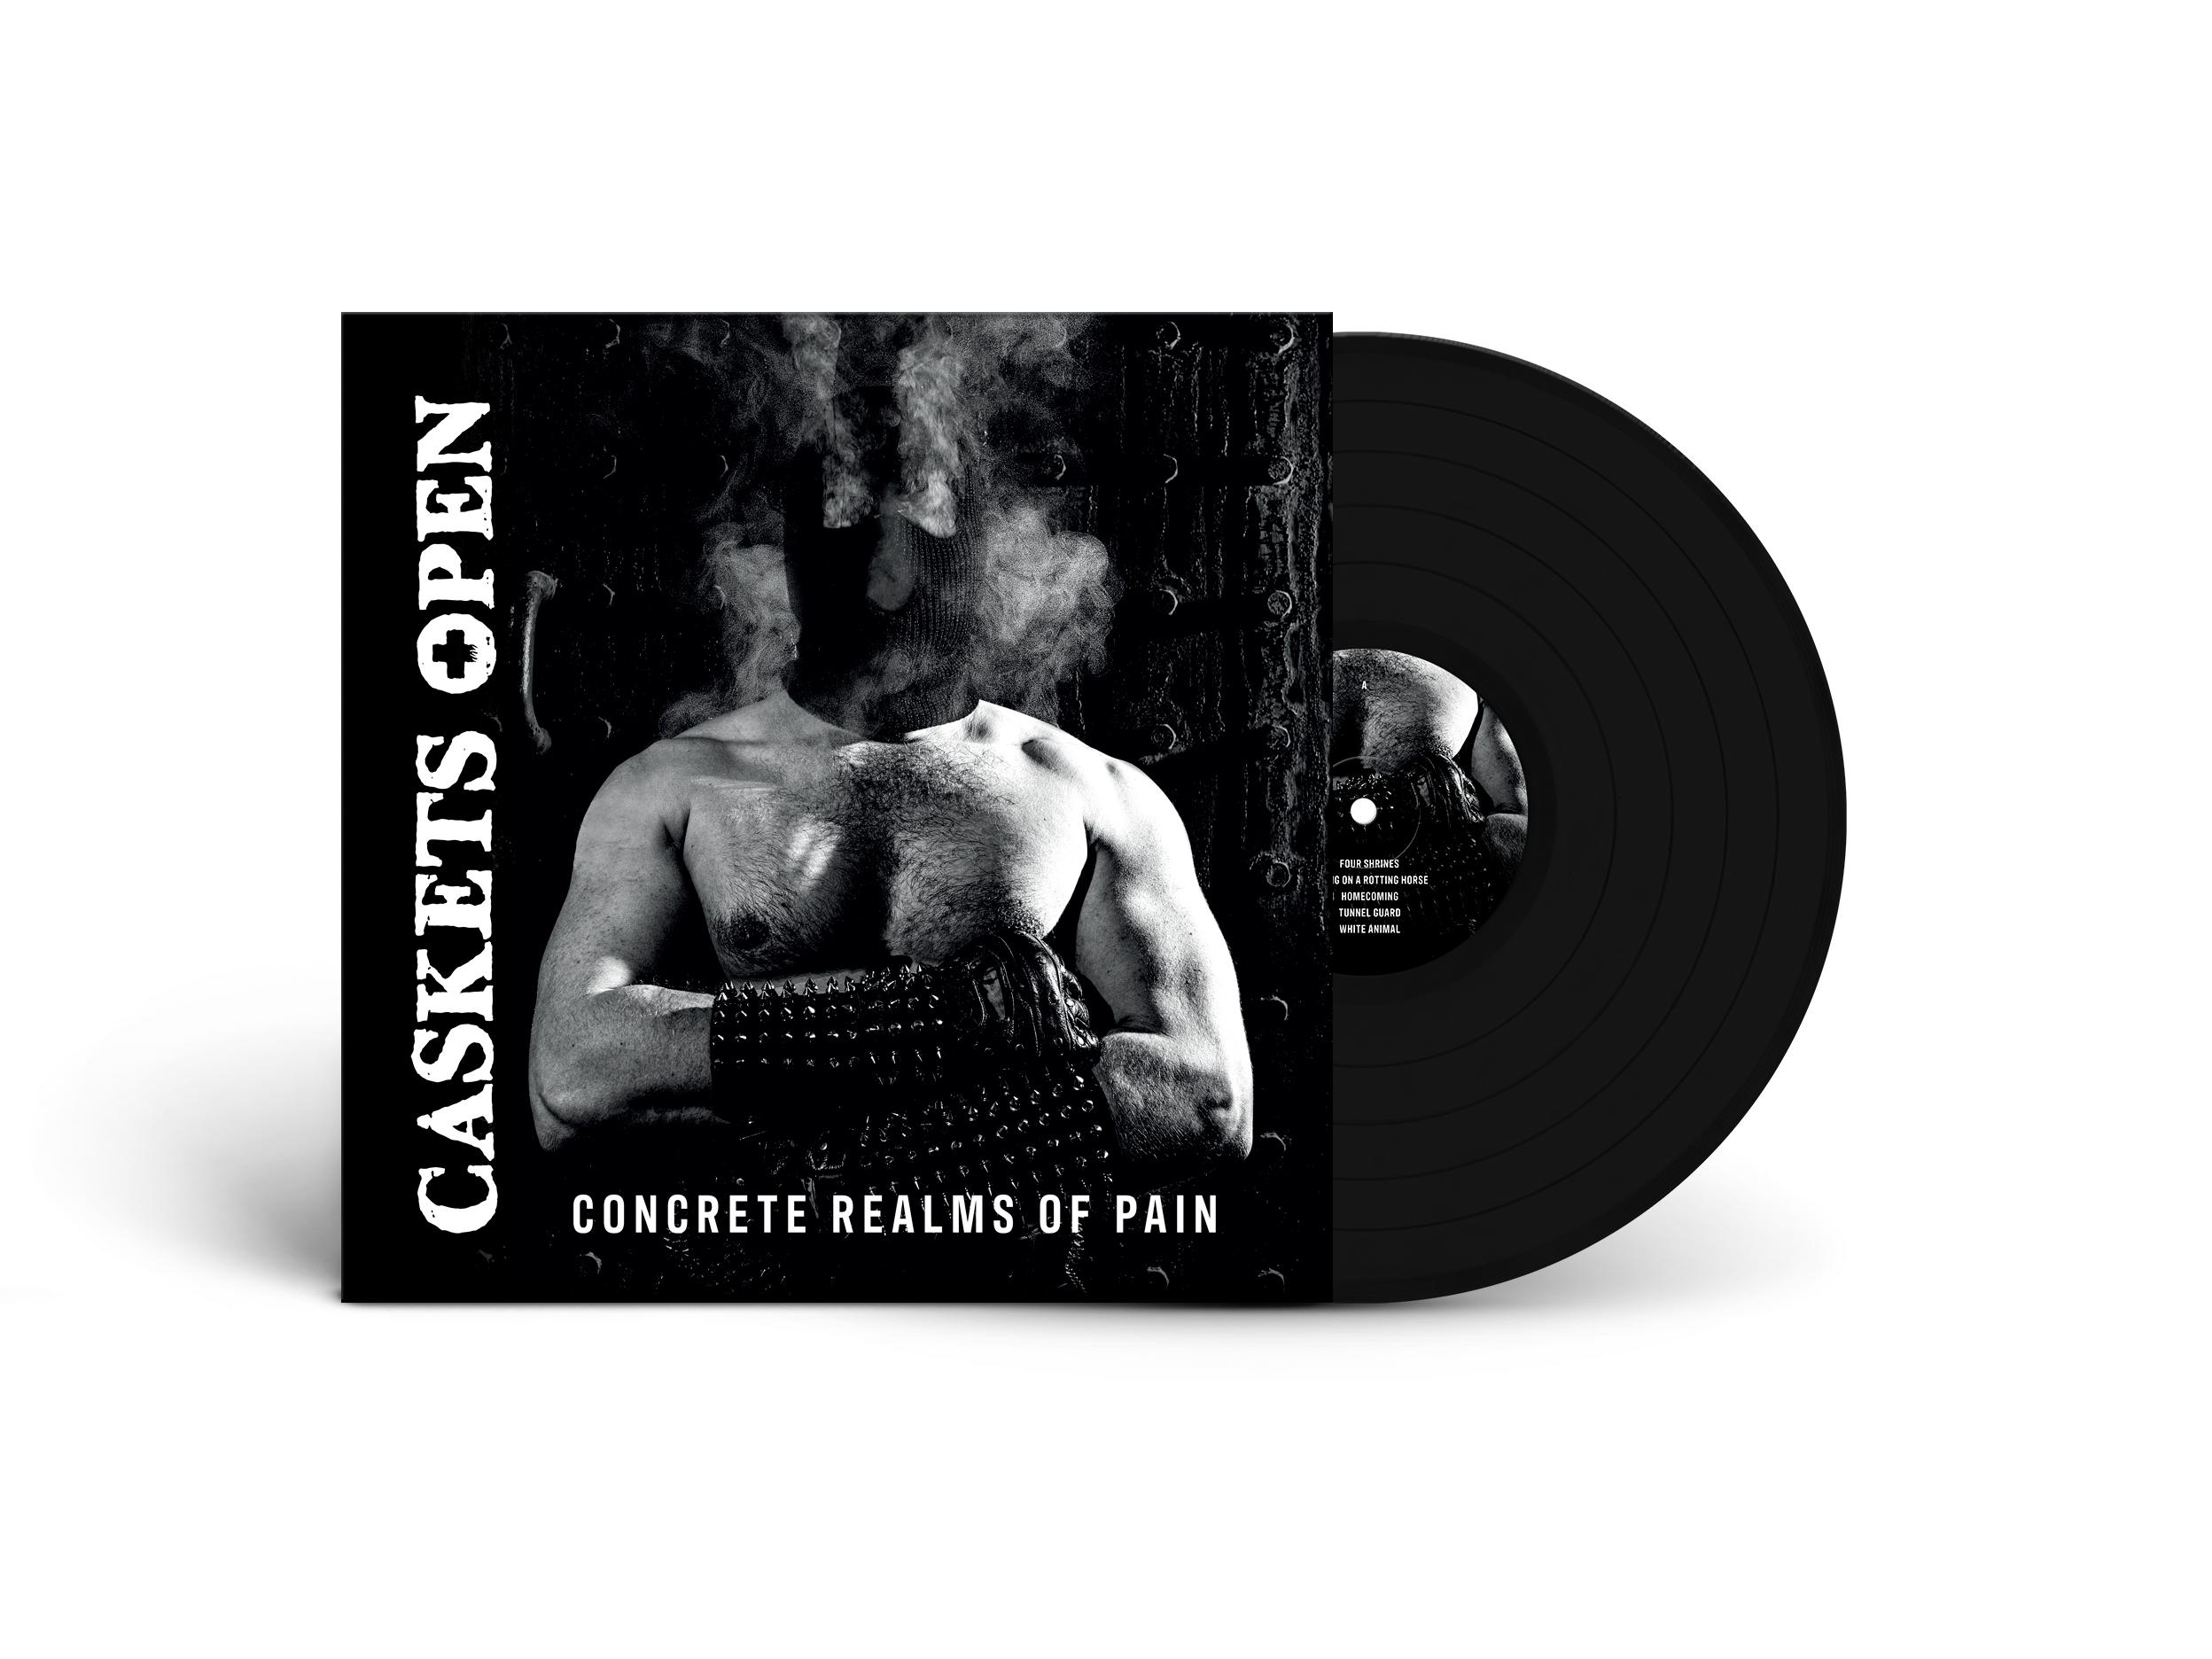 CASKETS OPEN - Concrete Realms of Pain